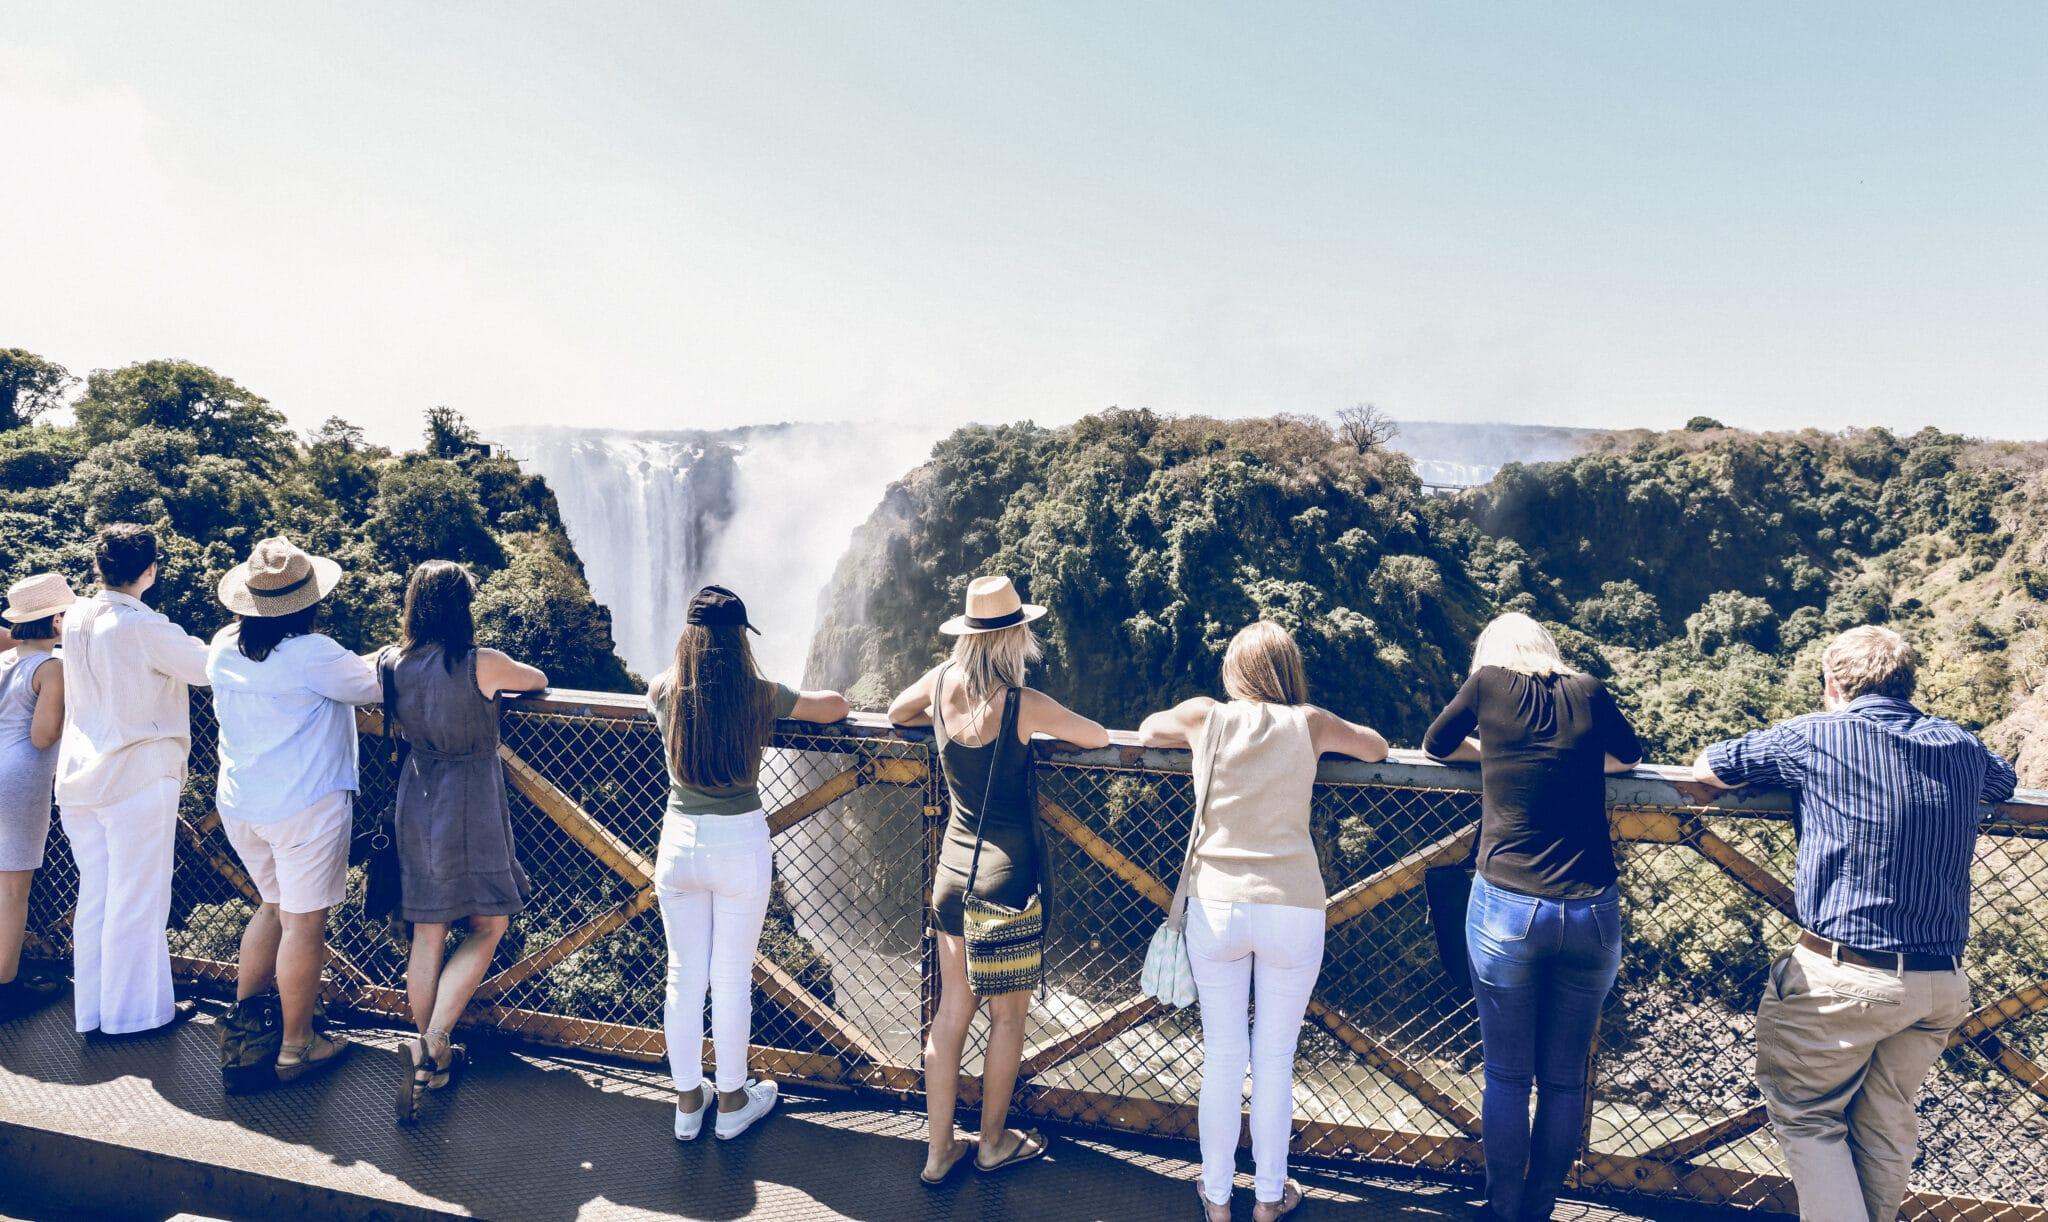 Carrousel - Vic Falls